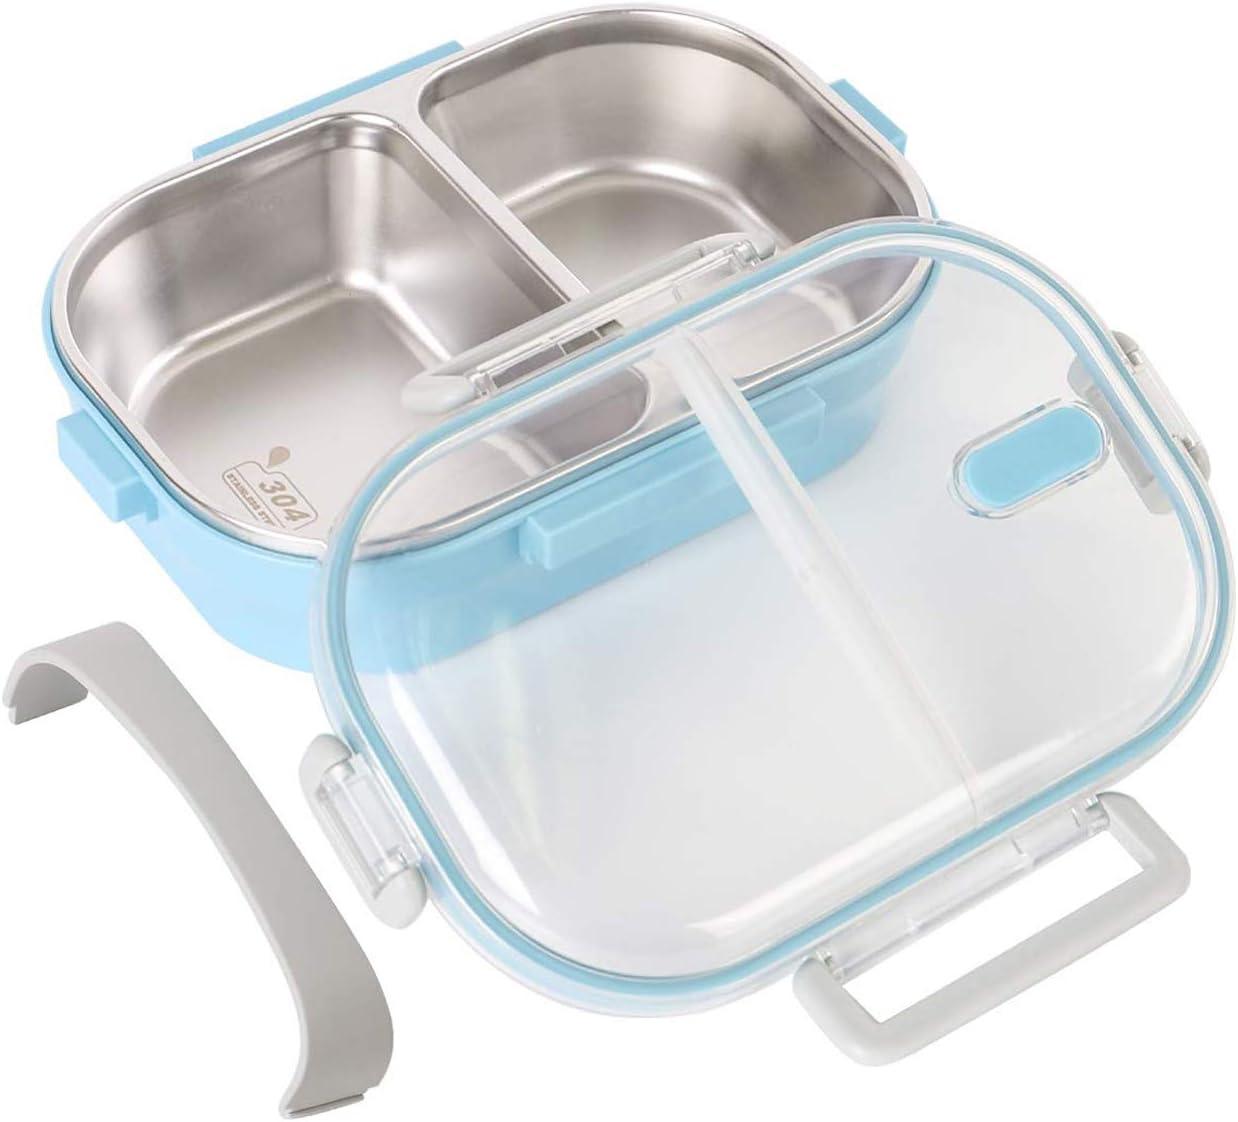 O-Kinee Fambrera Infantil, Lunch Box, 650ml Fambrera Acero Inoxidable con 2 Compartimentos Sellados, Contenedor para Niños o Adultos (Azul)